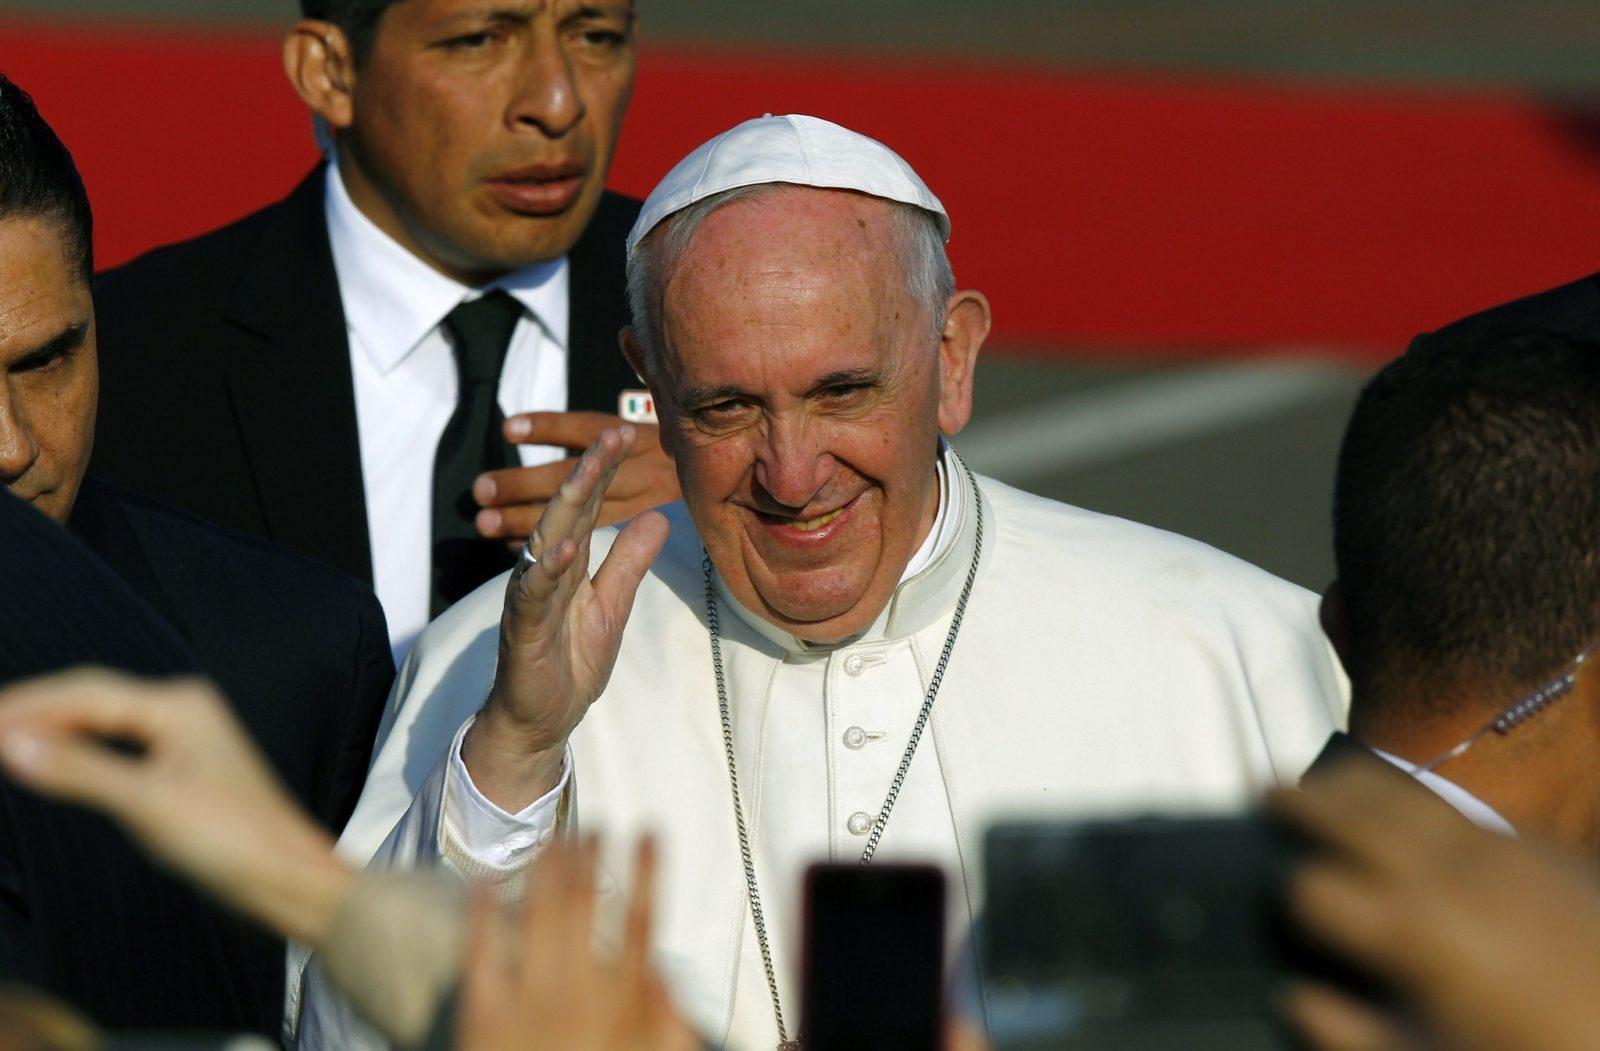 Il Papa ai giovani: Siete la ricchezza del Messico, se cadete rialzatevi!